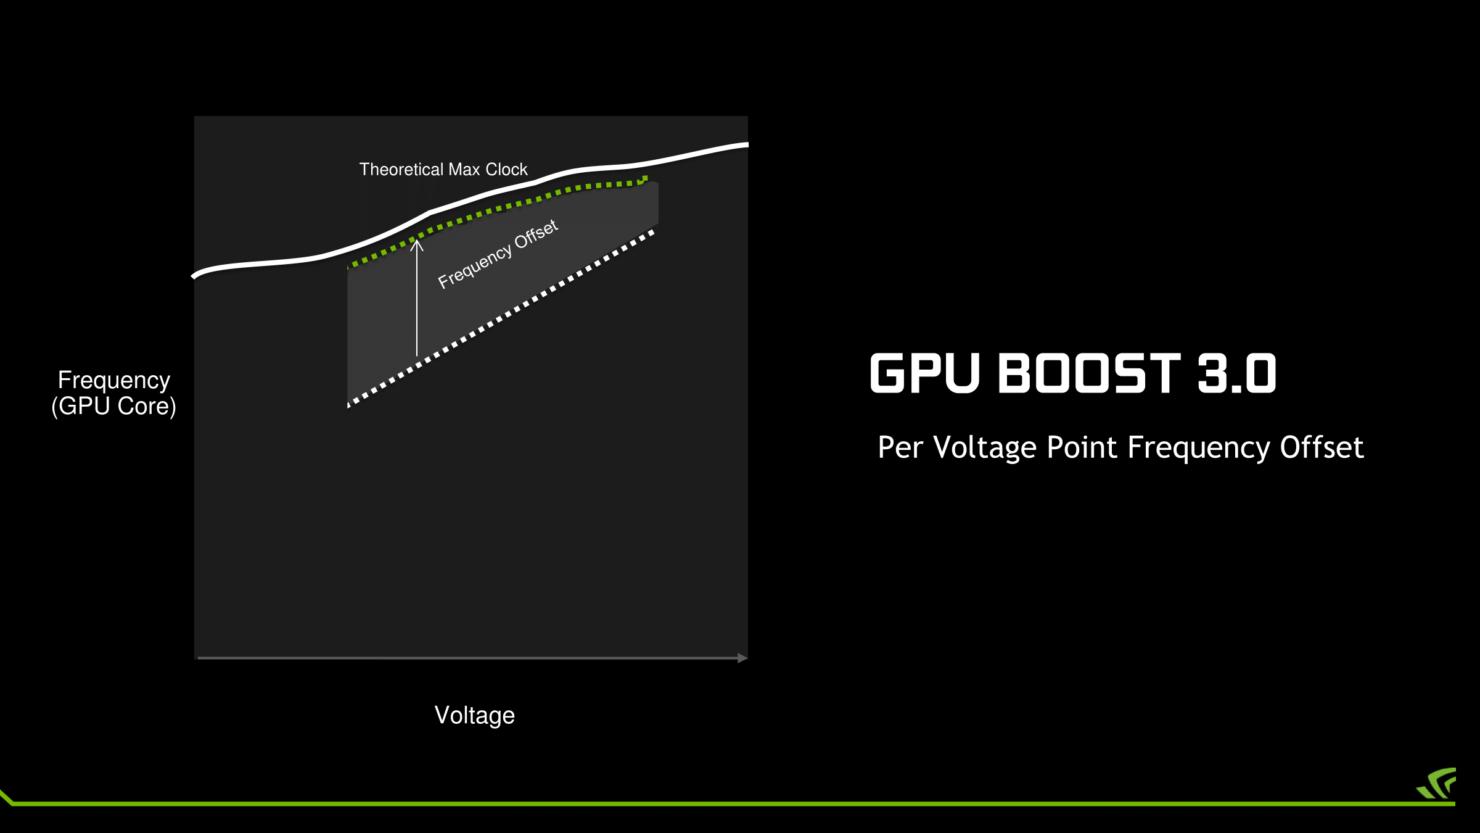 nvidia-gpu-boost-3-0_3